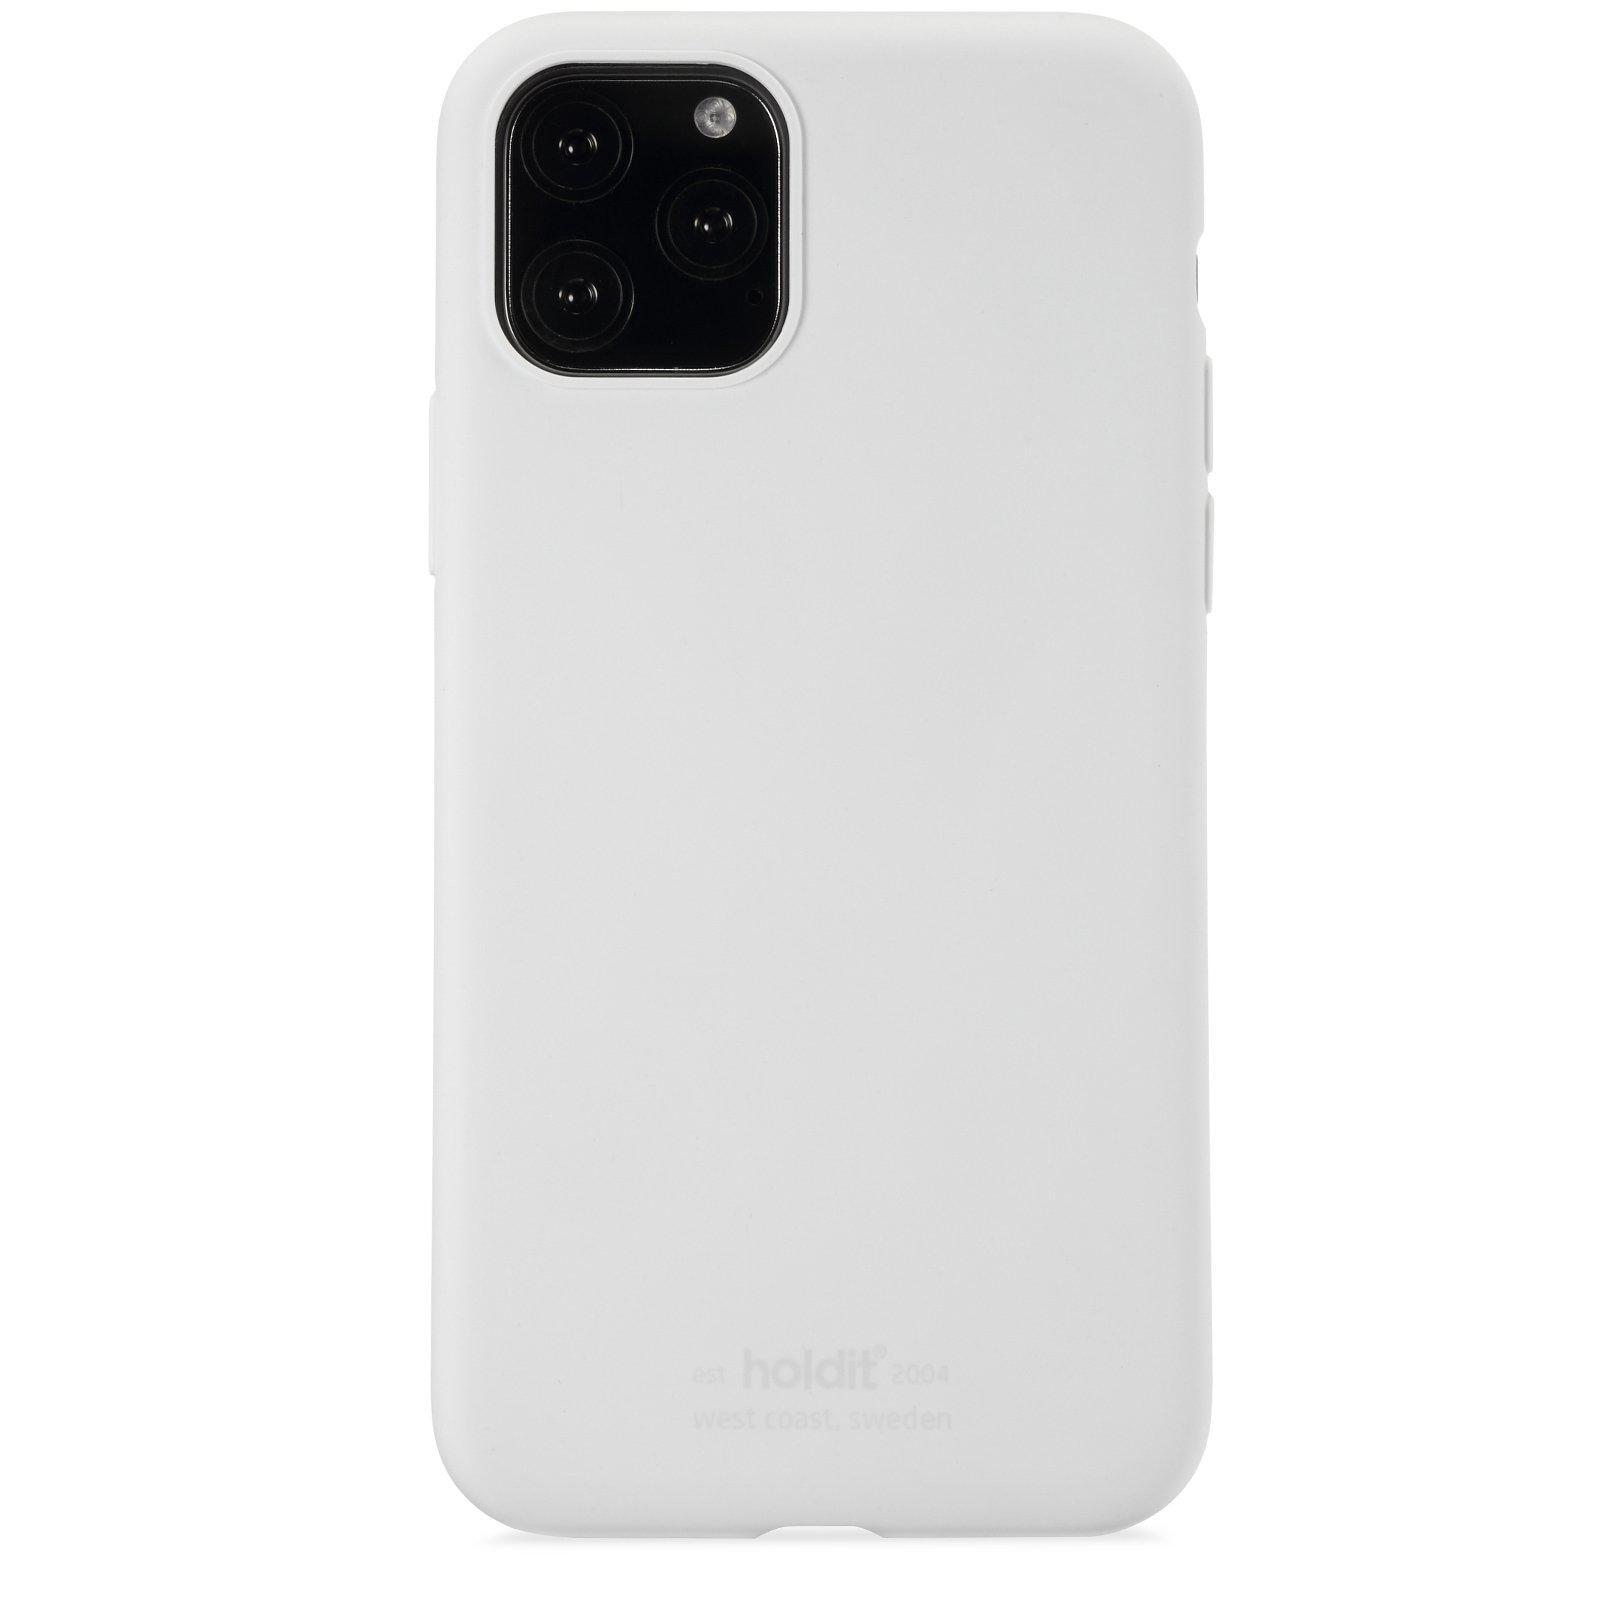 Silikonikuori iPhone 11 Pro/XS/X White